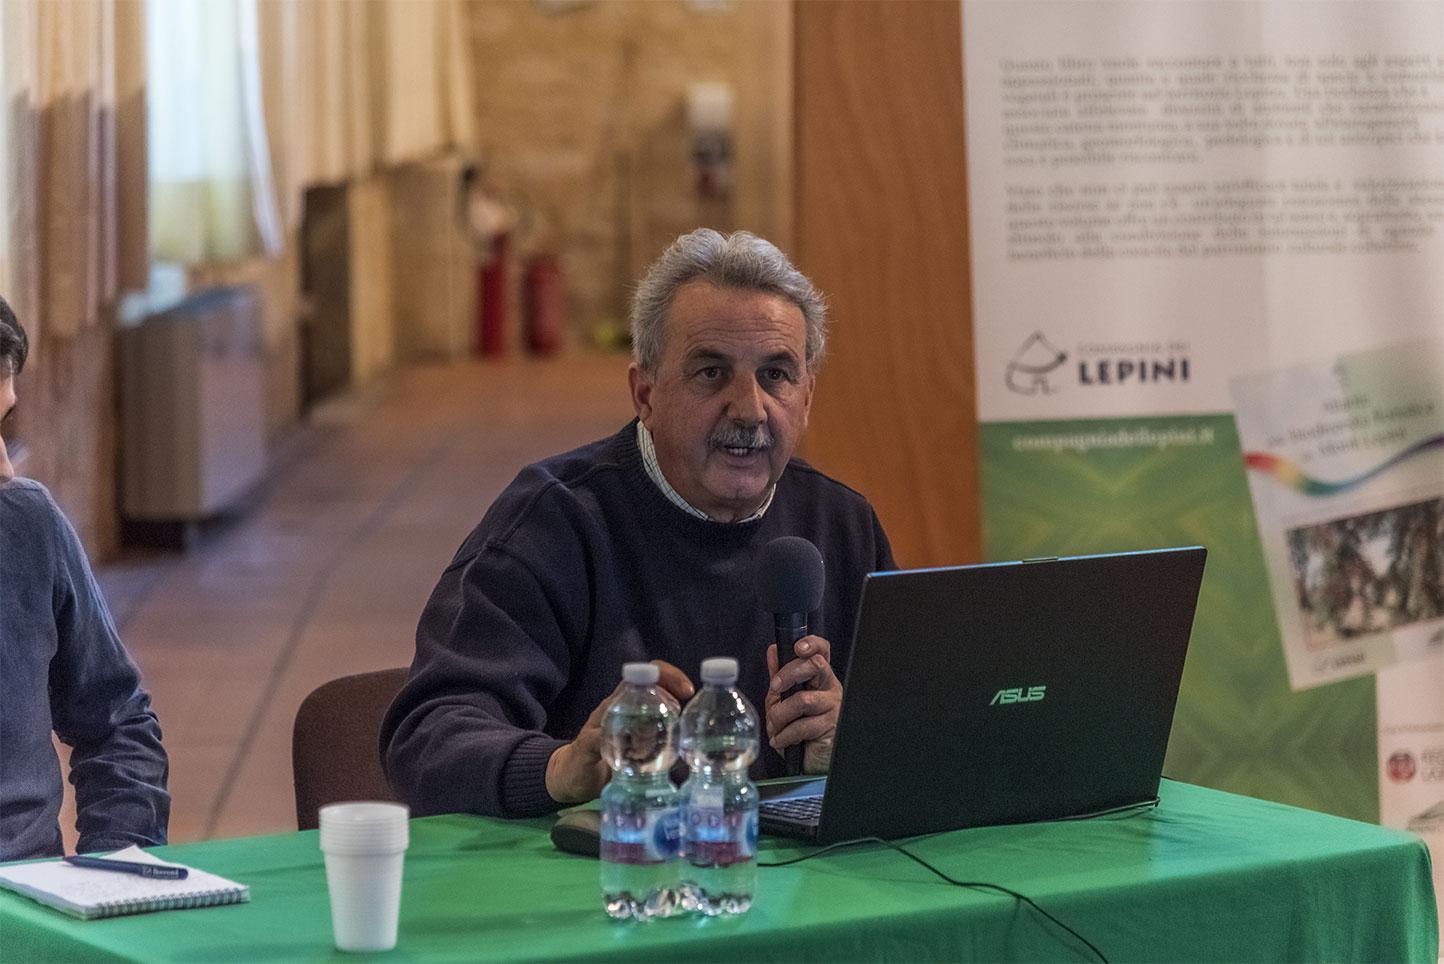 compagnia-dei-lepini-convegno-biodiversita-25-01-2020-103